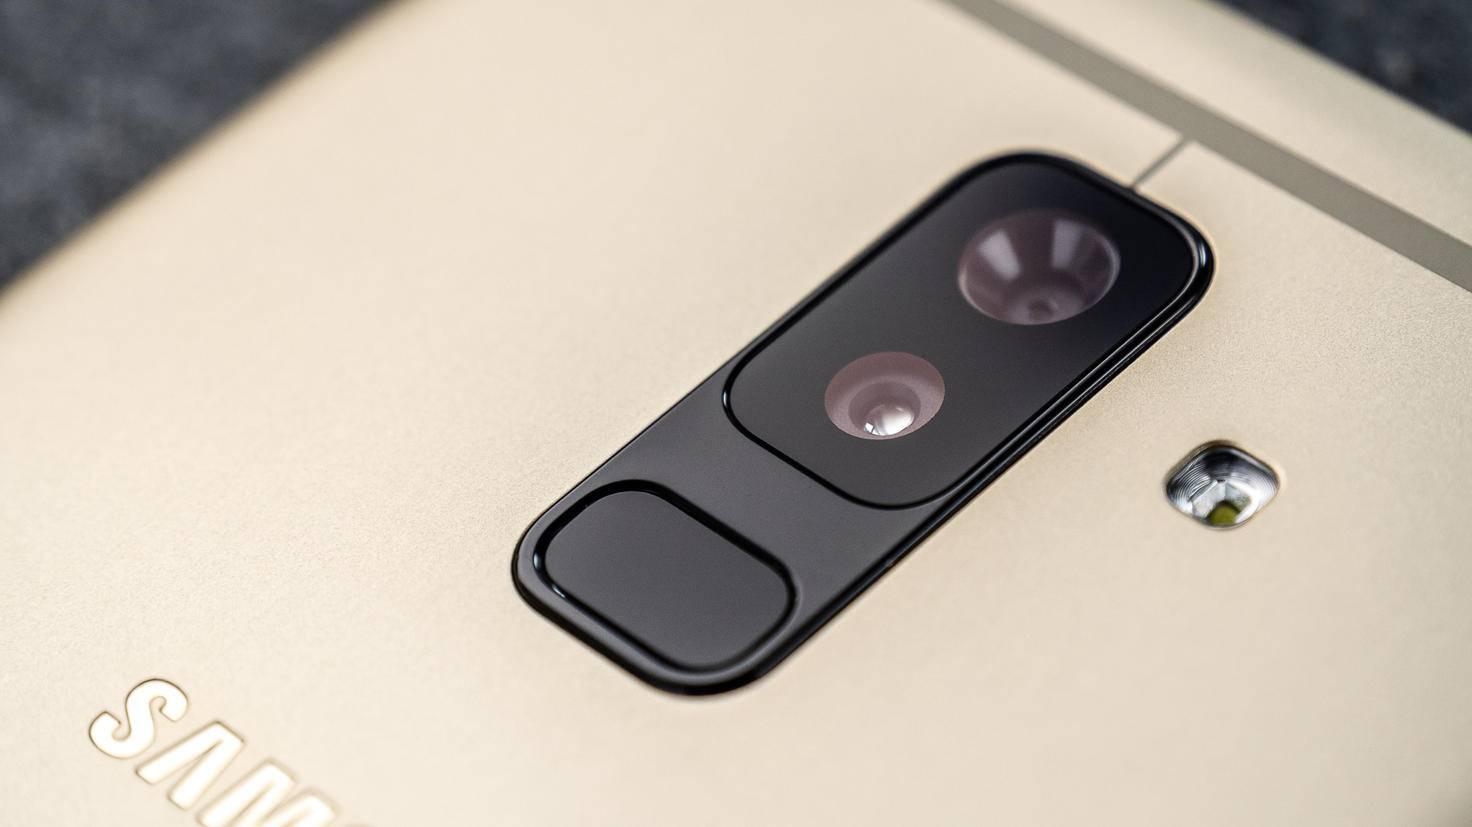 Samsung-Galaxy-A6-Plus-TURN-ON-4